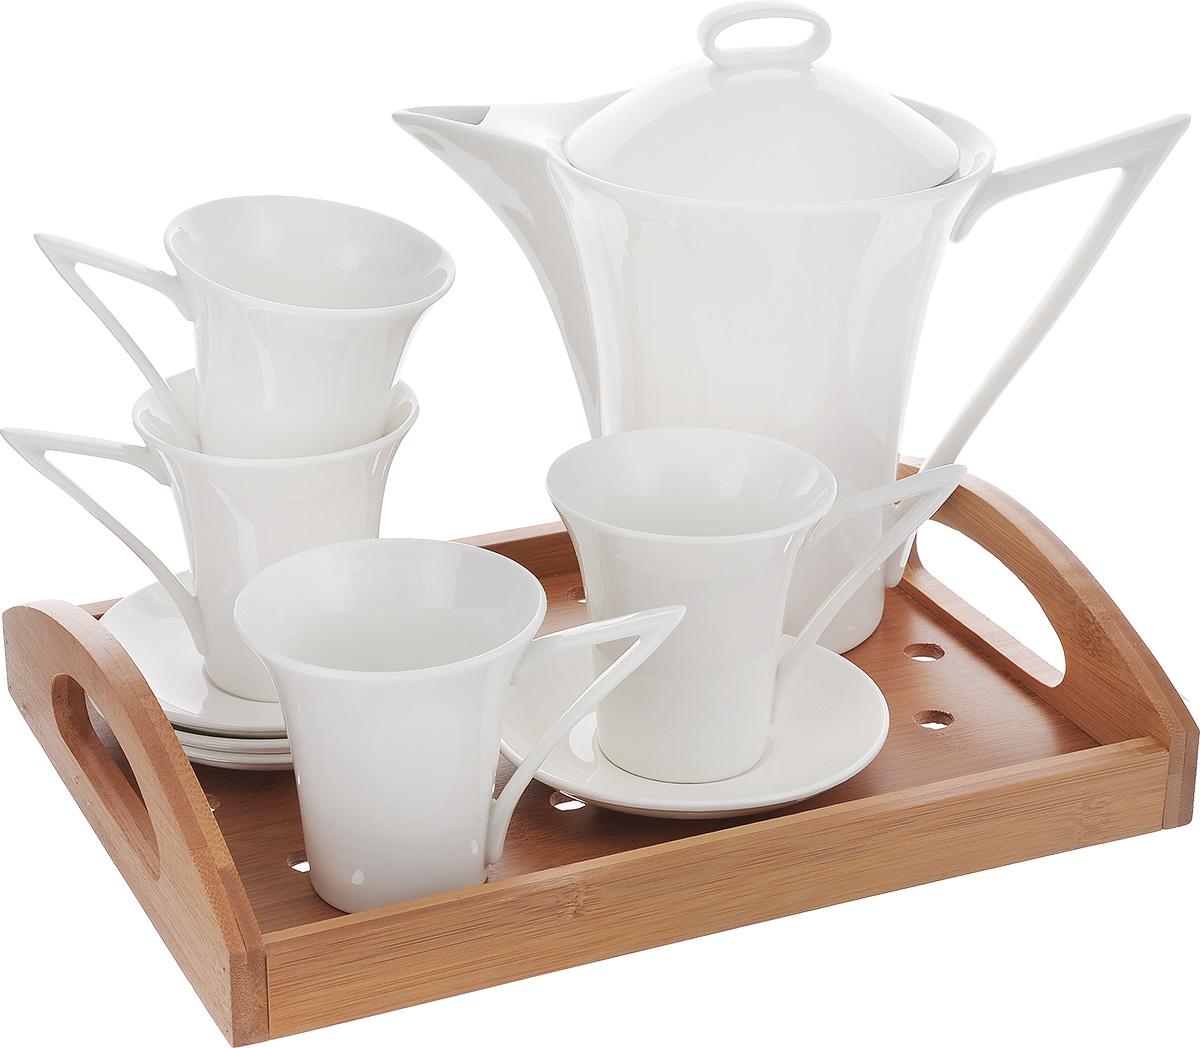 Набор чайный Augustin Welz, с подносом, 10 предметовAW-2254Набор для чая и кофе Augustin Welz состоит из заварочного чайника, 4 кружек и 4 блюдец. Заварочный чайник изготовлен из высококачественного фарфора, удобен в использовании для приготовления не только чая, но и кофе. Он быстро заваривает напиток, сохраняя его тонкий насыщенный аромат. Поднос из бамбука прямоугольной формы с легкостью уместит все предметы и поможет без труда перенести напитки.Функциональный и изящный набор стильного дизайна прекрасно украсит стол к чаепитию. Посуду можно использовать в микроволновой печи.Не рекомендуется мыть в посудомоечной машине. Размер подноса: 30 см х 22,5 см х 6,3 см. Диаметр блюдца: 12 см. Высота стенки блюдца: 1,7 см. Диаметр чашки (по верхнему краю): 8 см. Высота стенки чашки: 8,5 см. Объем чашки: 135 мл. Диаметр чайника (по верхнему краю): 11 см. Высота чайника (без учета крышки): 17,5 см. Объем чайника: 865 мл.